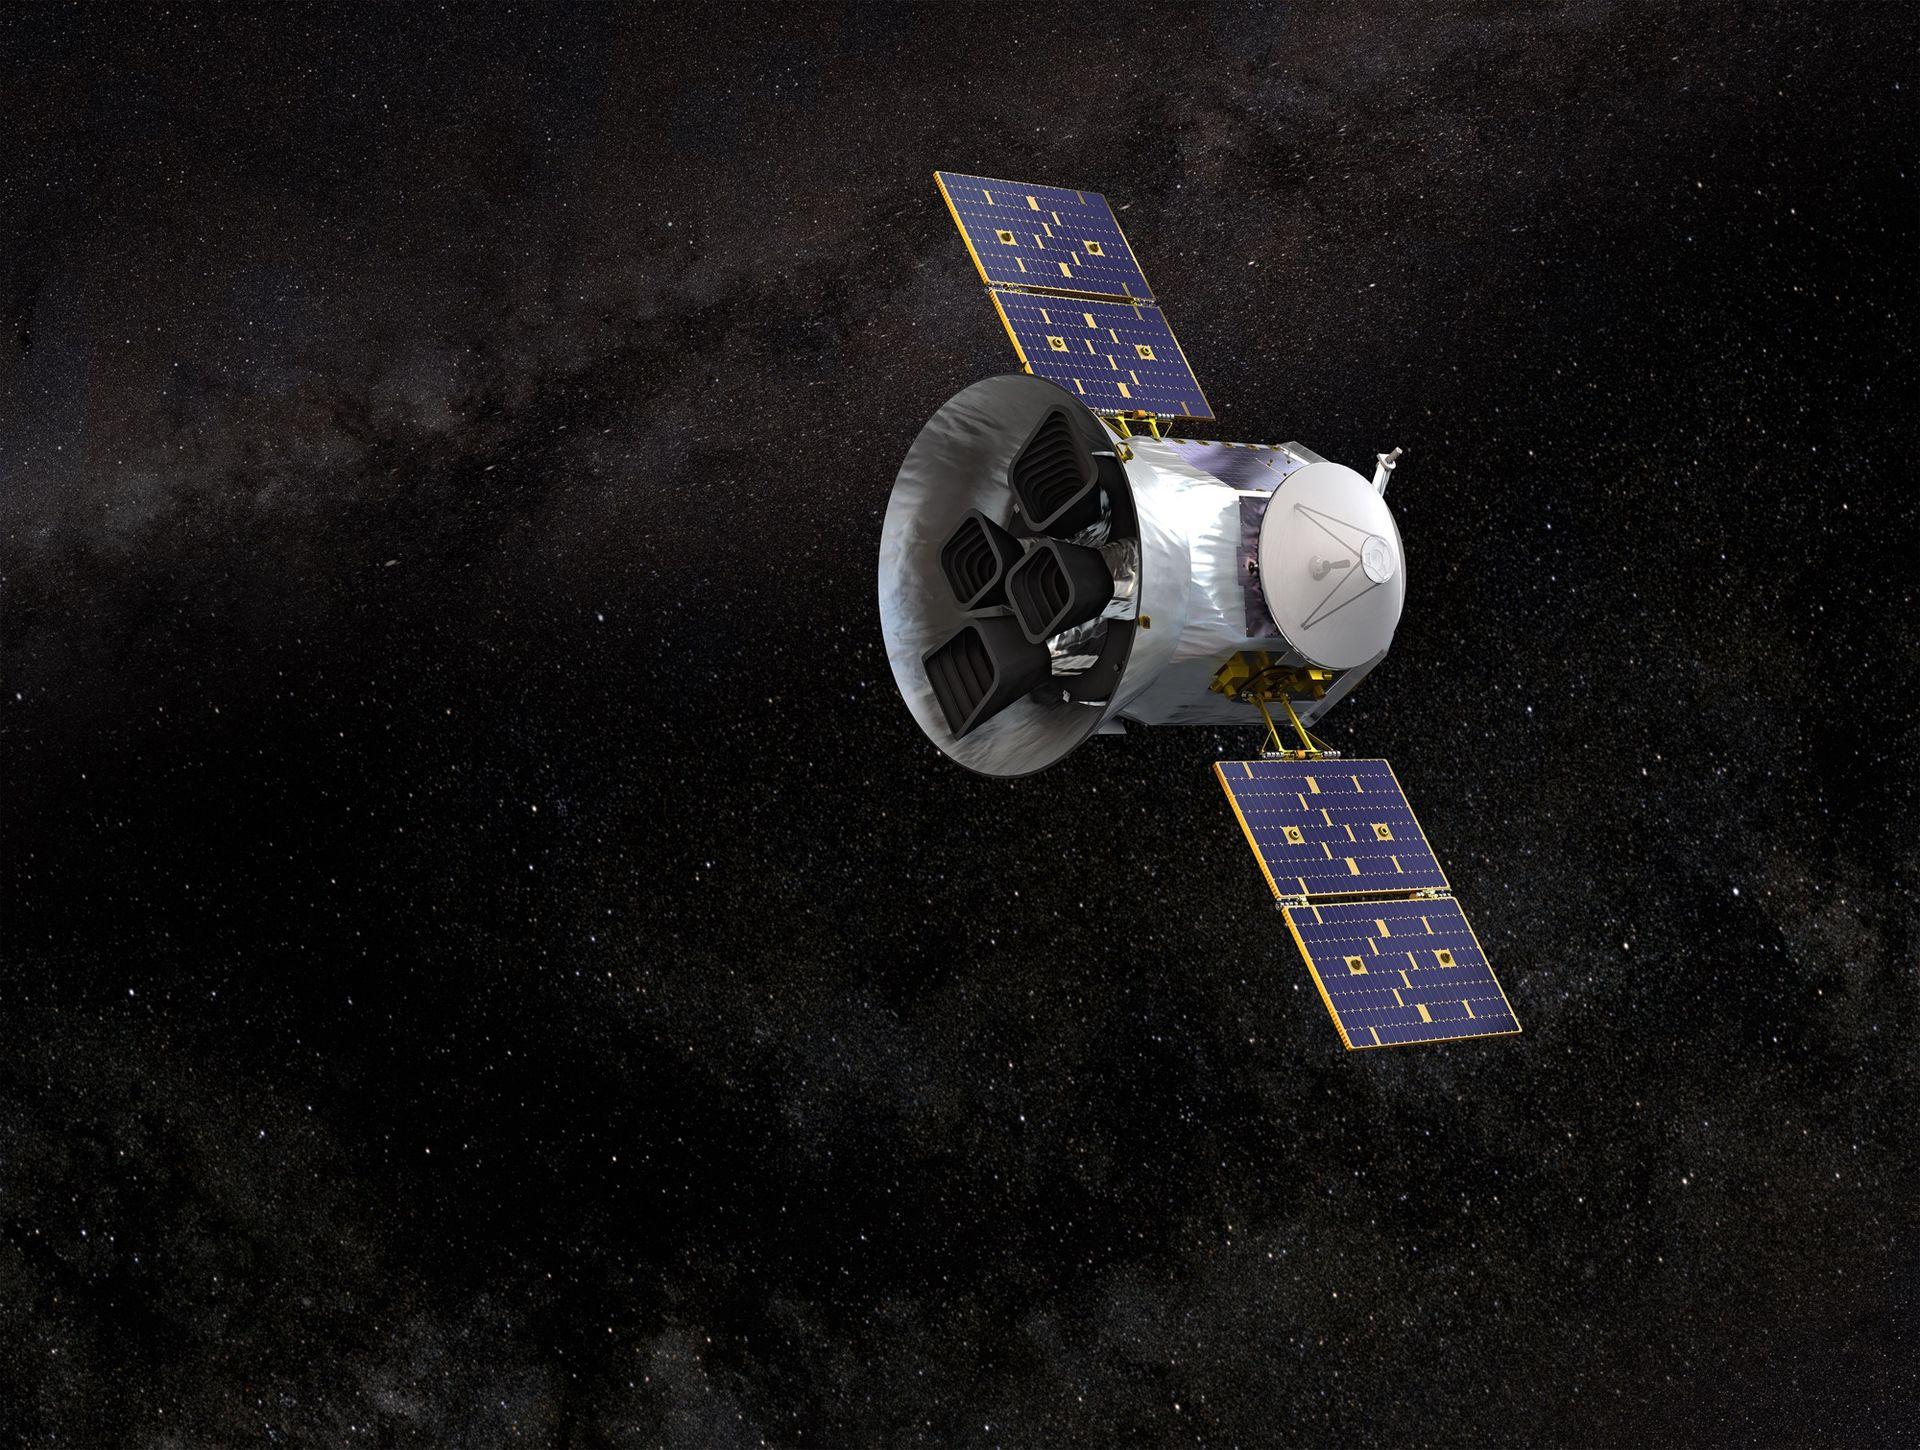 TESS har hittat en första exoplanet som är lika stor som jorden